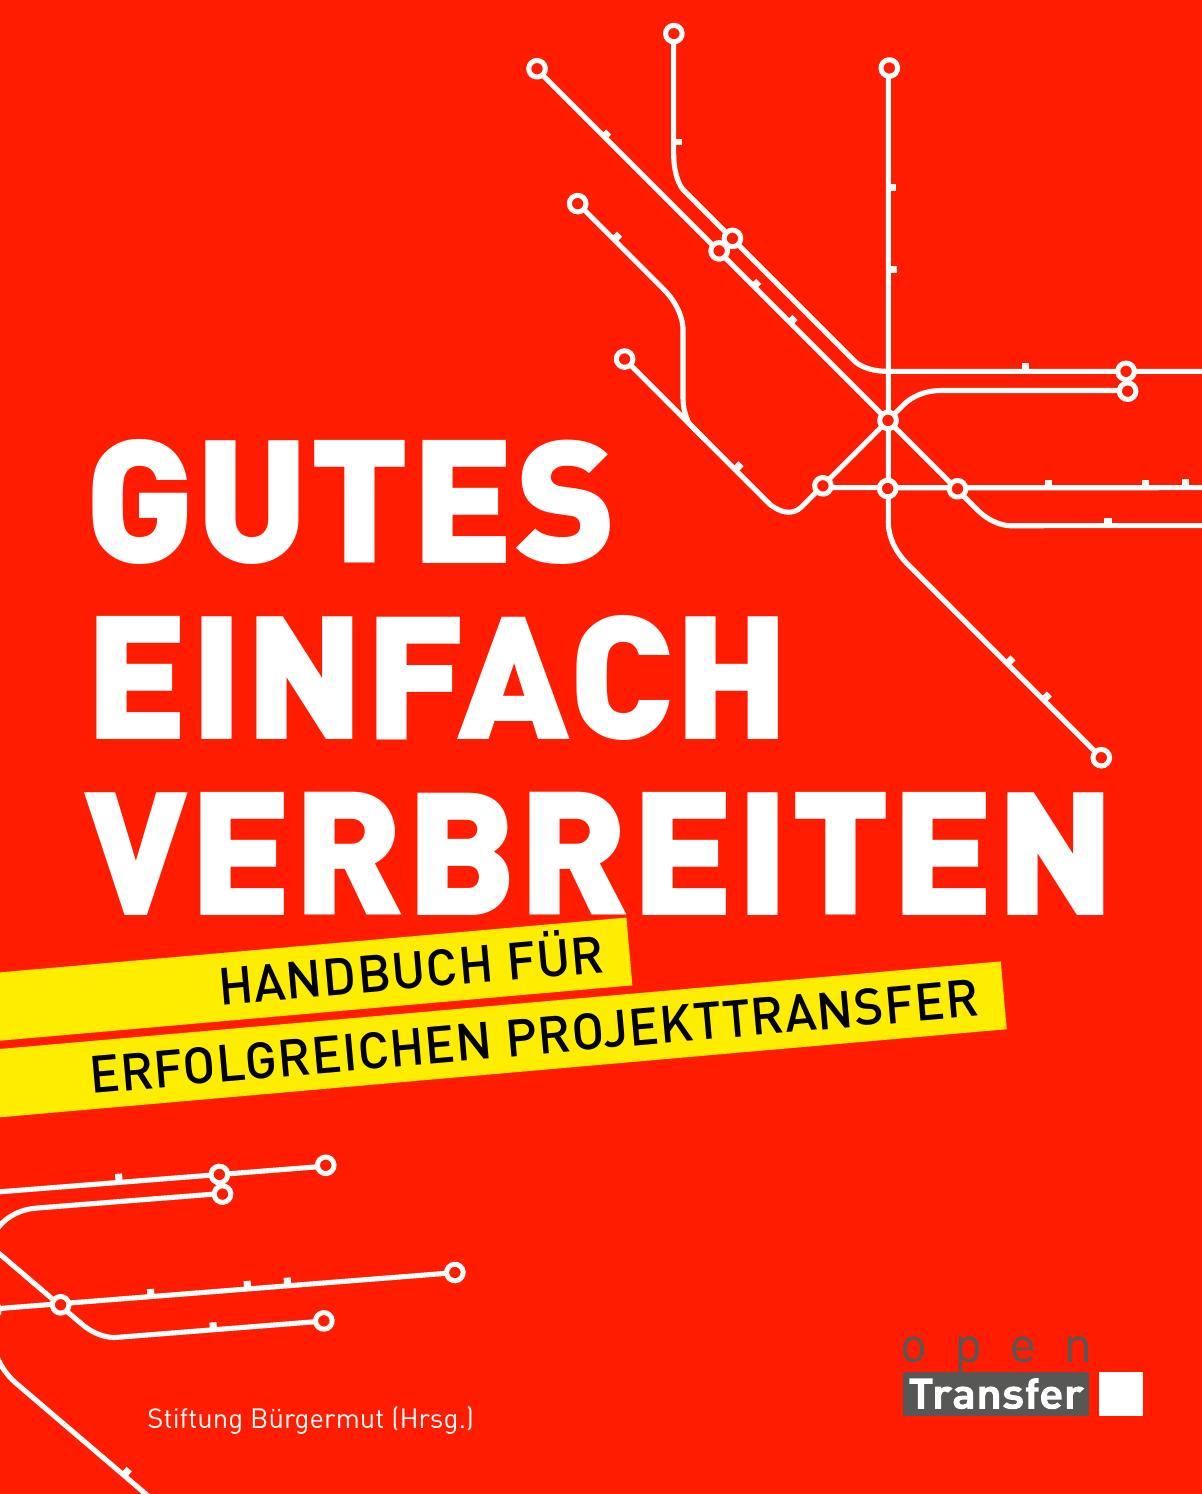 Gutes einfach verbreiten by Stiftung Bürgermut - issuu